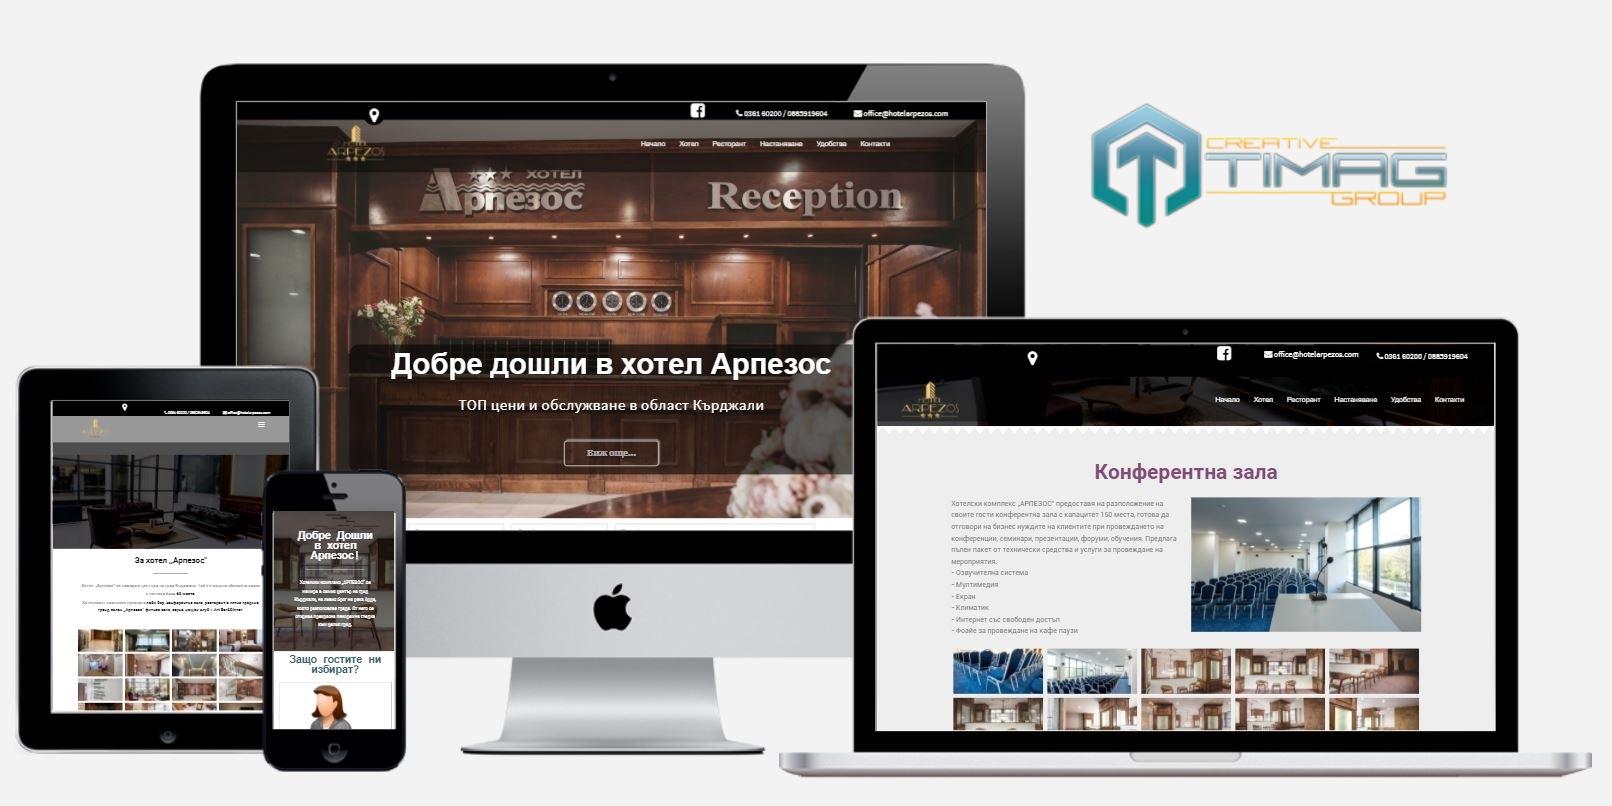 """Хотел """"Арпезос"""" – гр. Кърджали с нов и модерен уебсайт – www.hotelarpezos.com"""